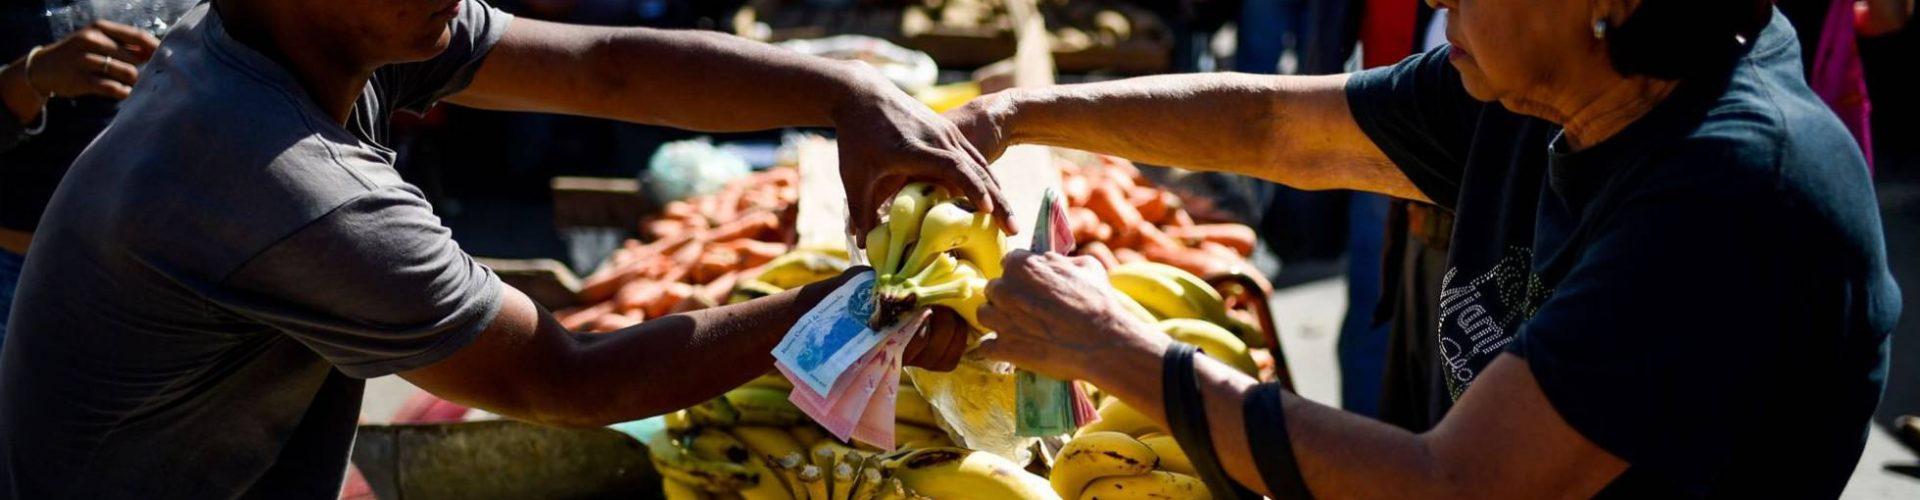 Crece devaluación moneda Venezuela